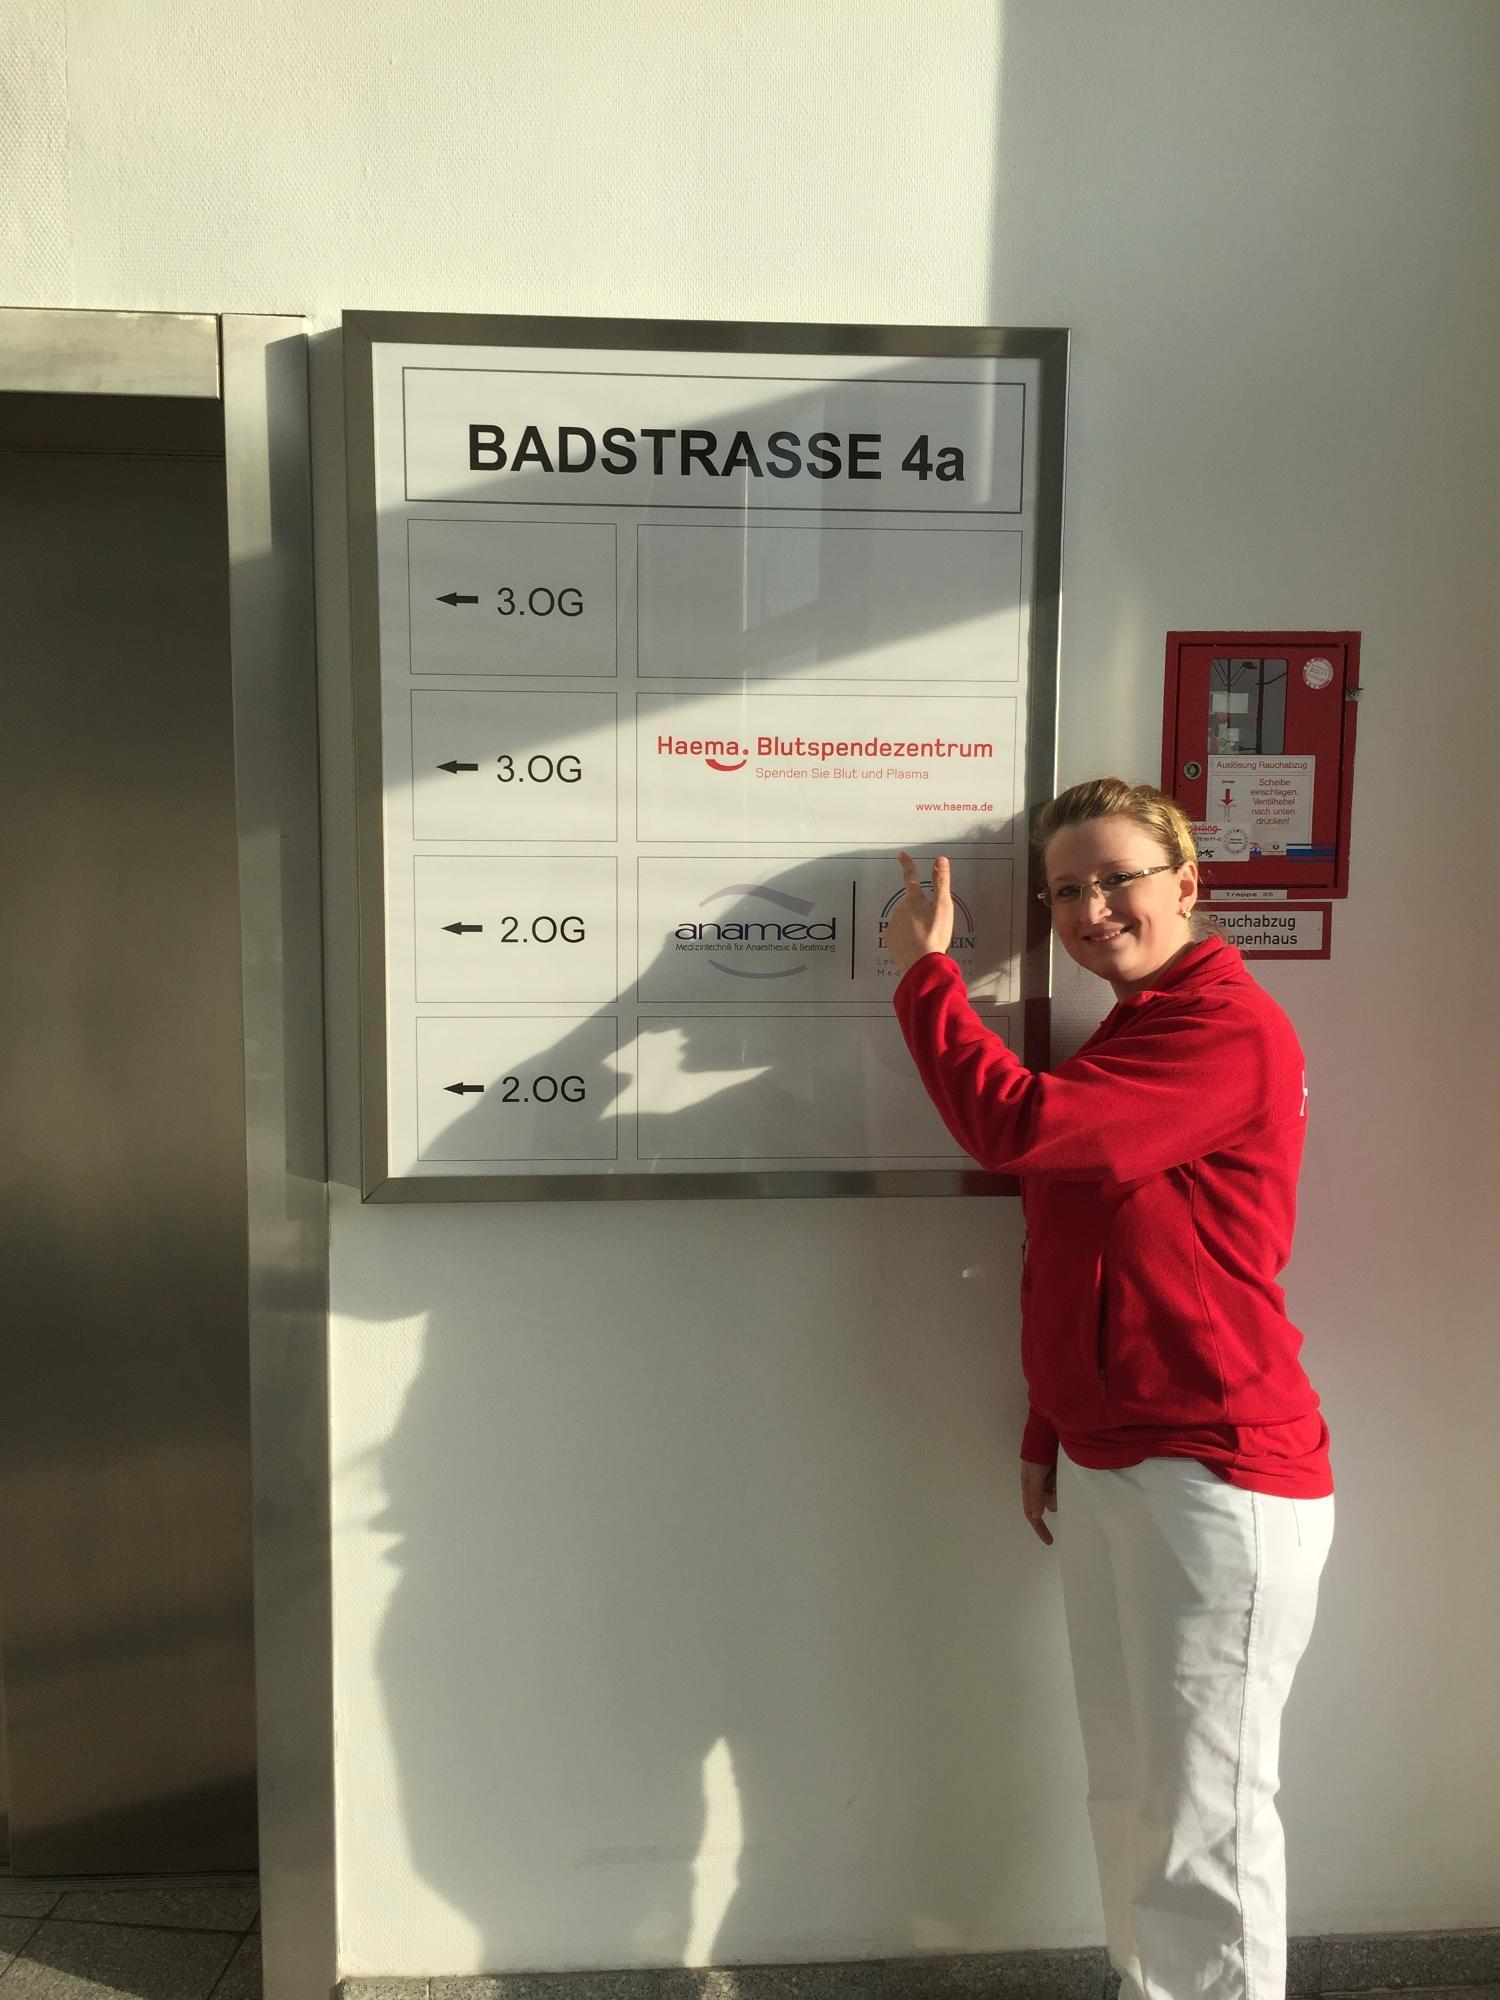 Haema Blutspendezentrum Berlin-Wedding